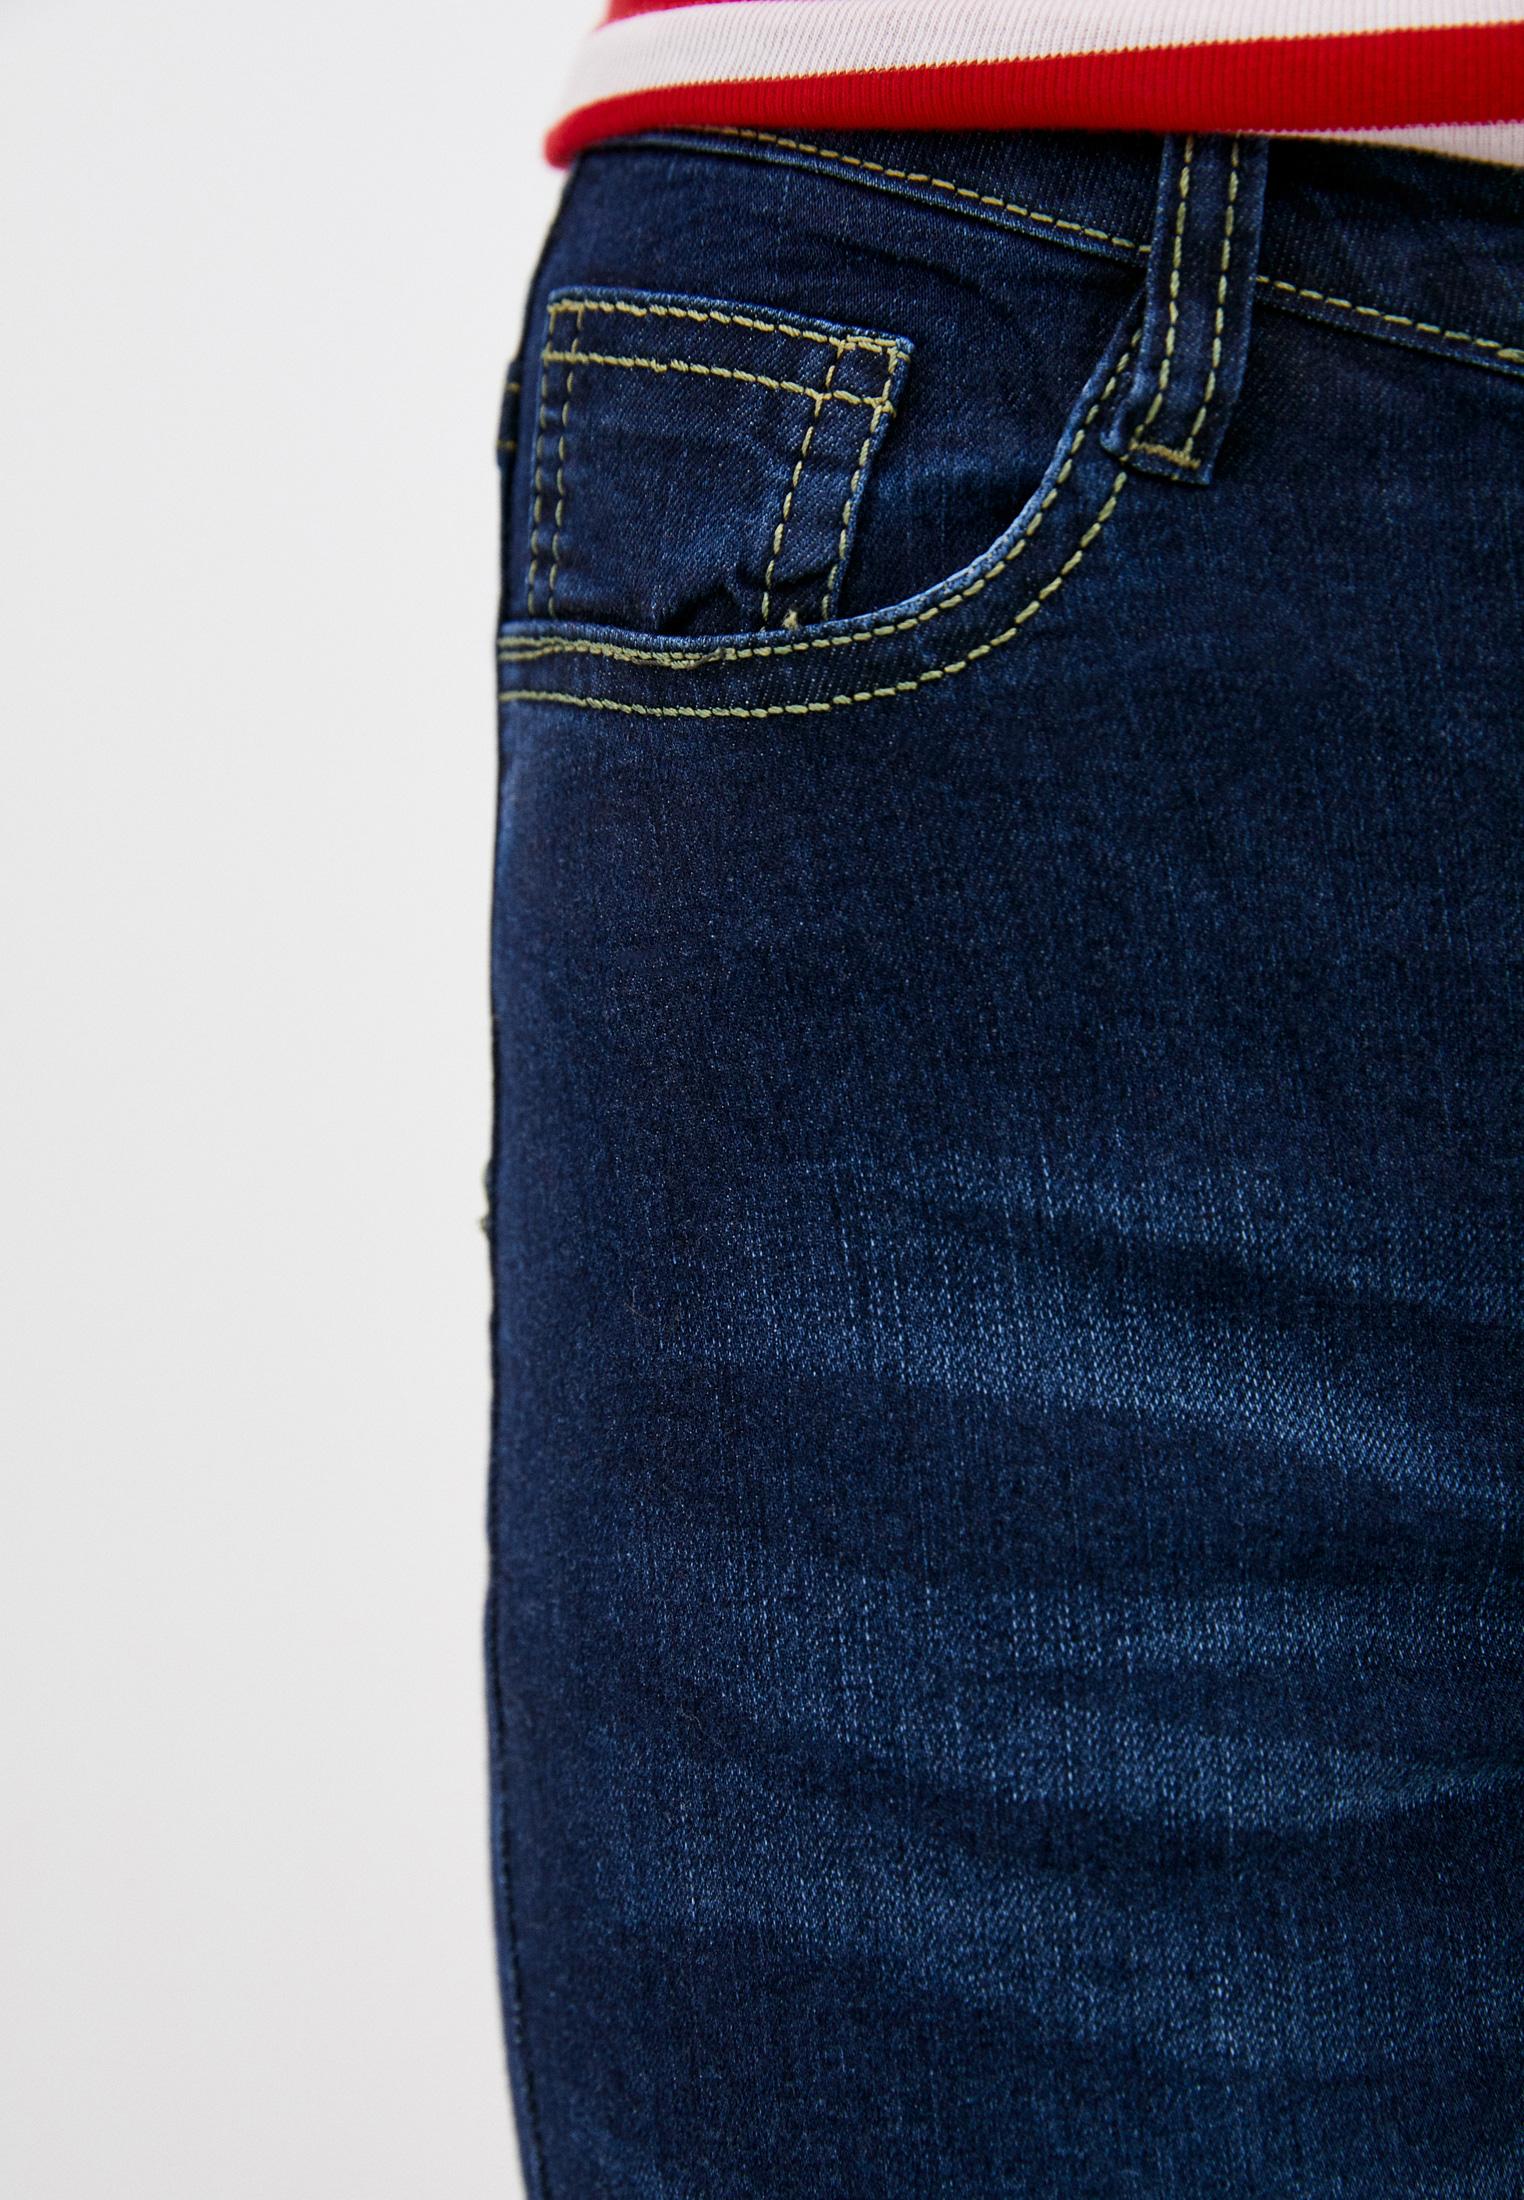 Зауженные джинсы Toku Tino TT8599326/002: изображение 4